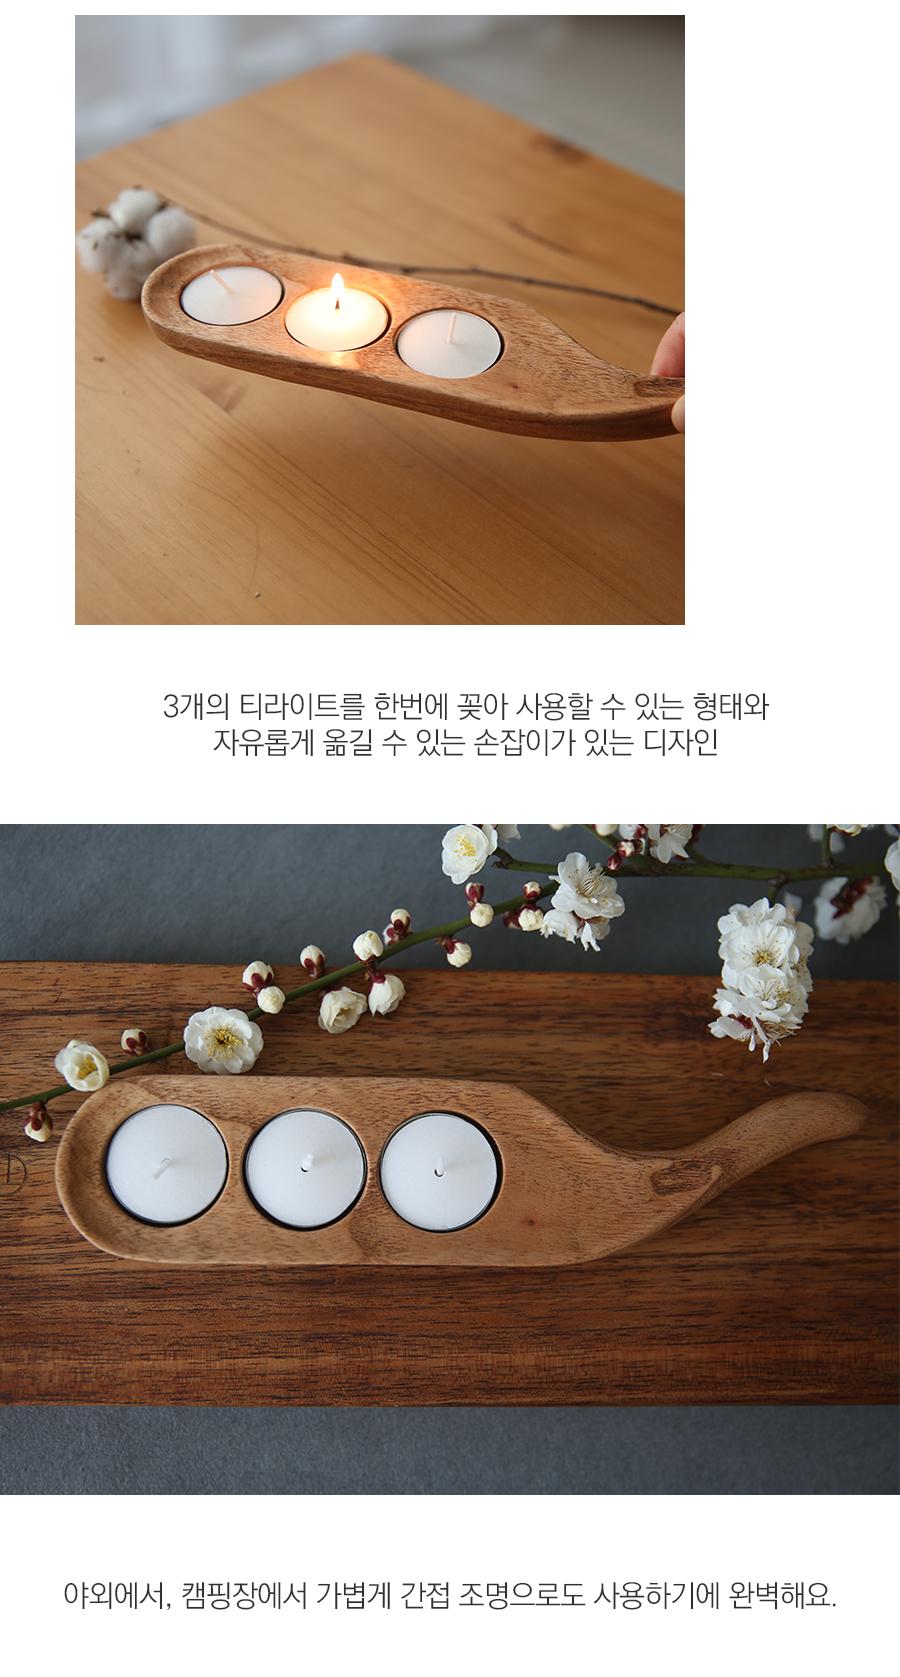 핸드메이드 우드 캔들홀더 4종 - 이소품, 32,000원, 캔들용품, 캔들액세서리